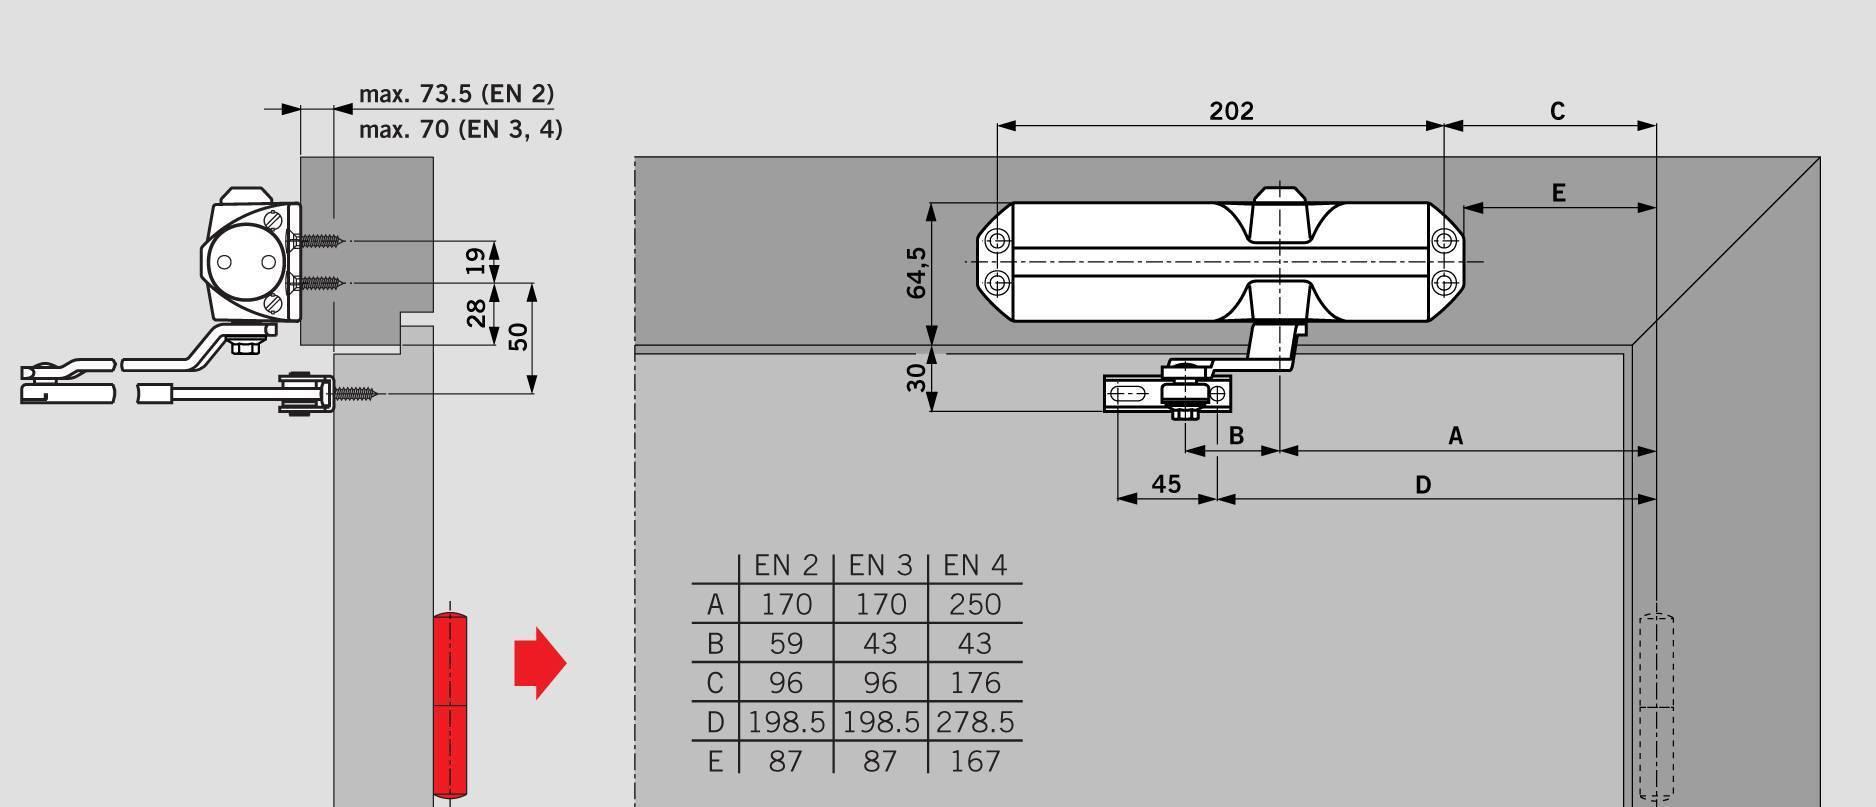 Самостоятельная установка и регулировка дверного доводчика